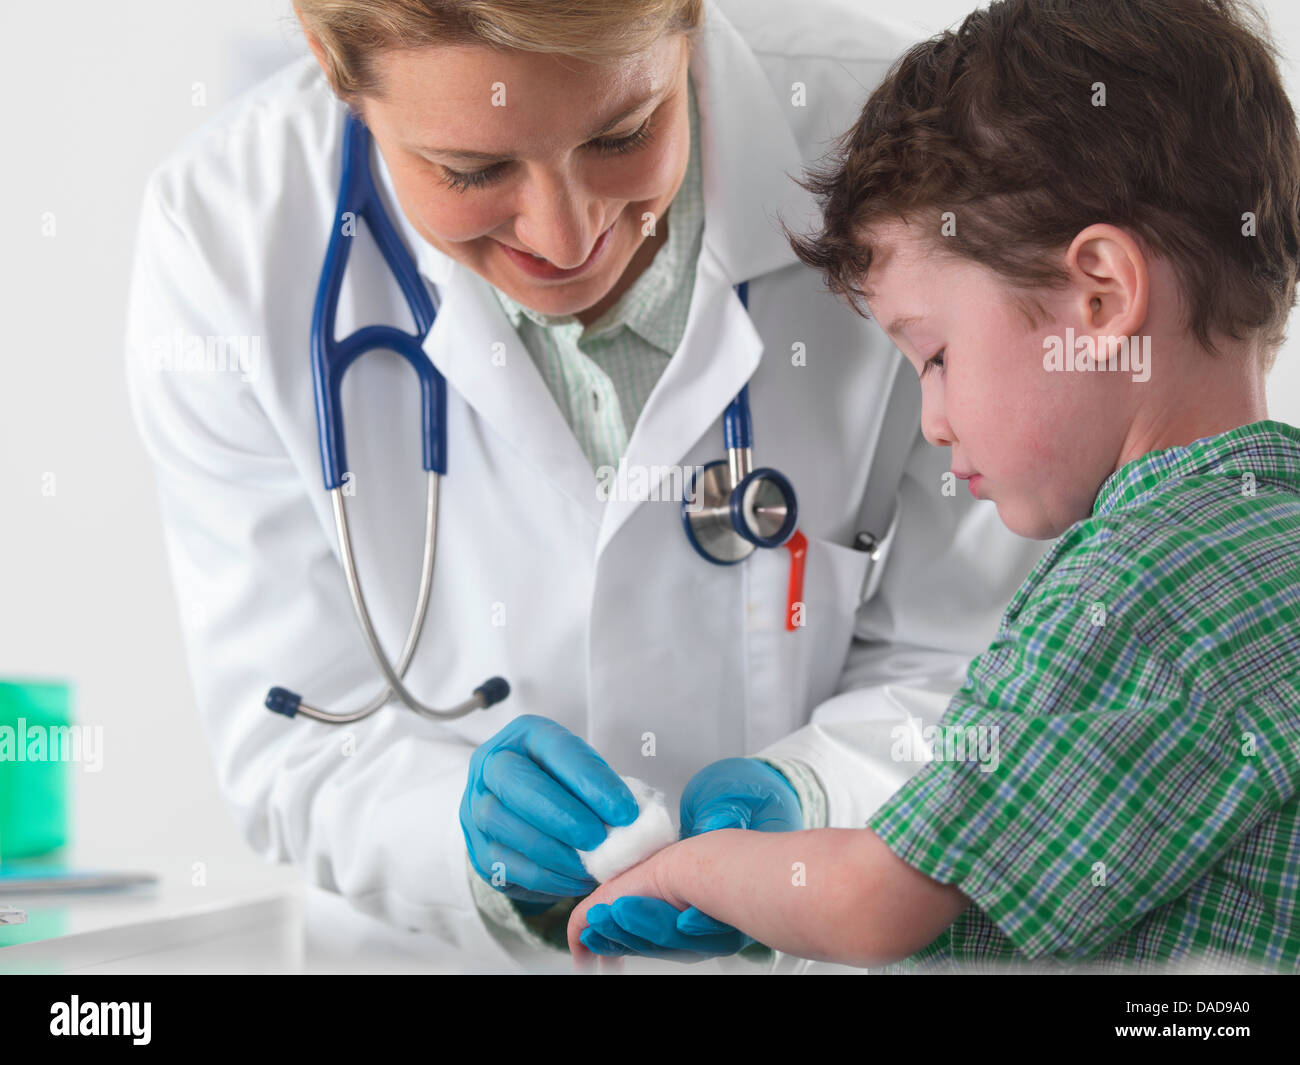 El cuidado médico para el niño pequeño con lesiones Imagen De Stock